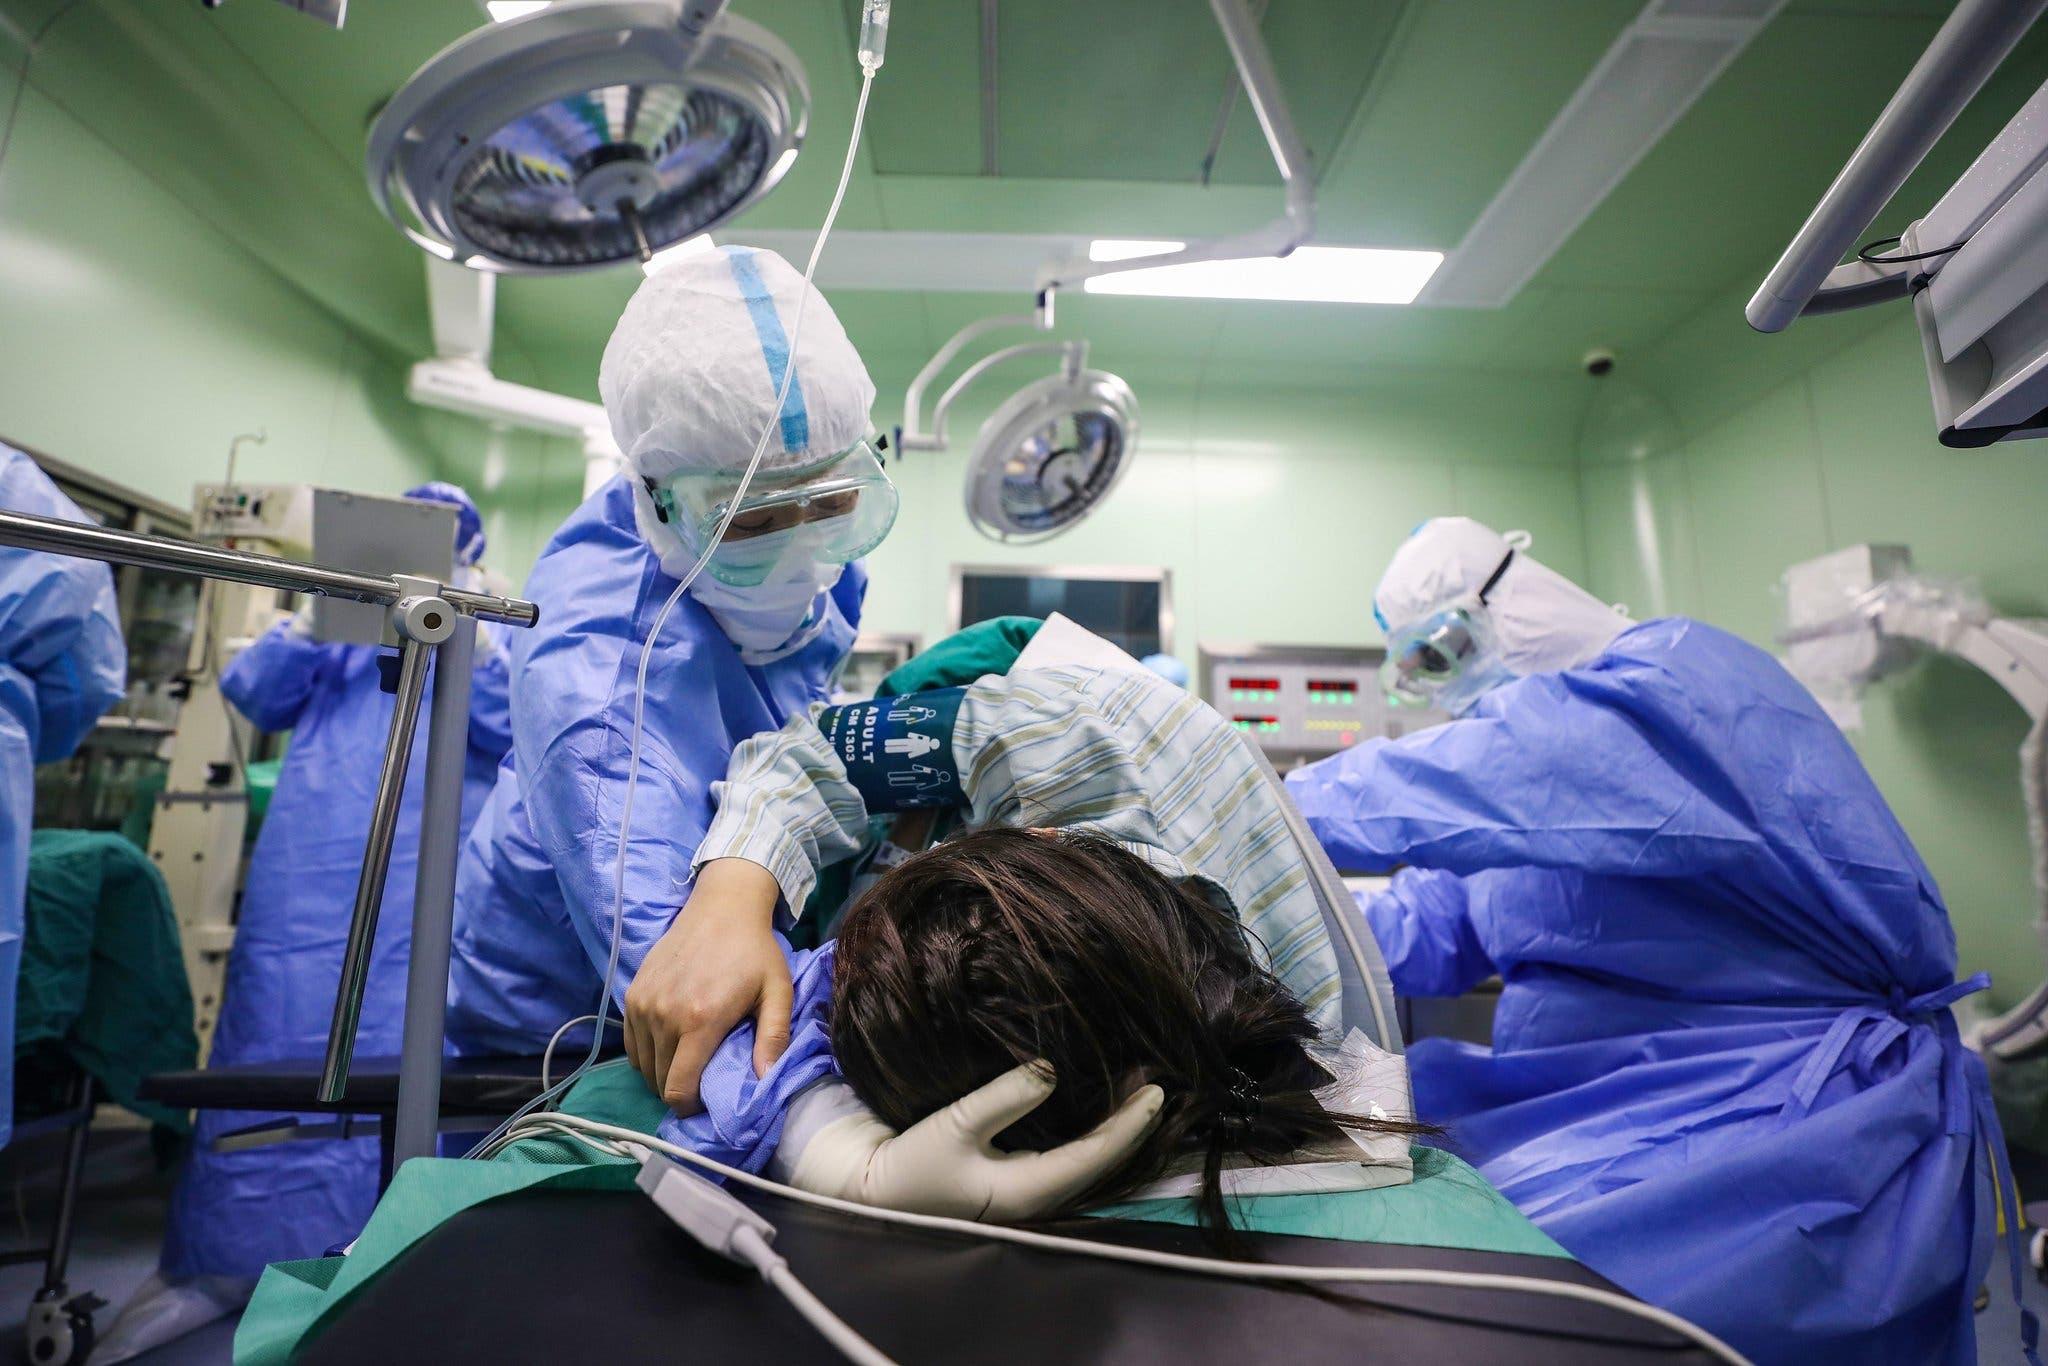 مريضة كورونا تضع مولودها في مدينة ووهان الصينية الموبؤة بالفيروس